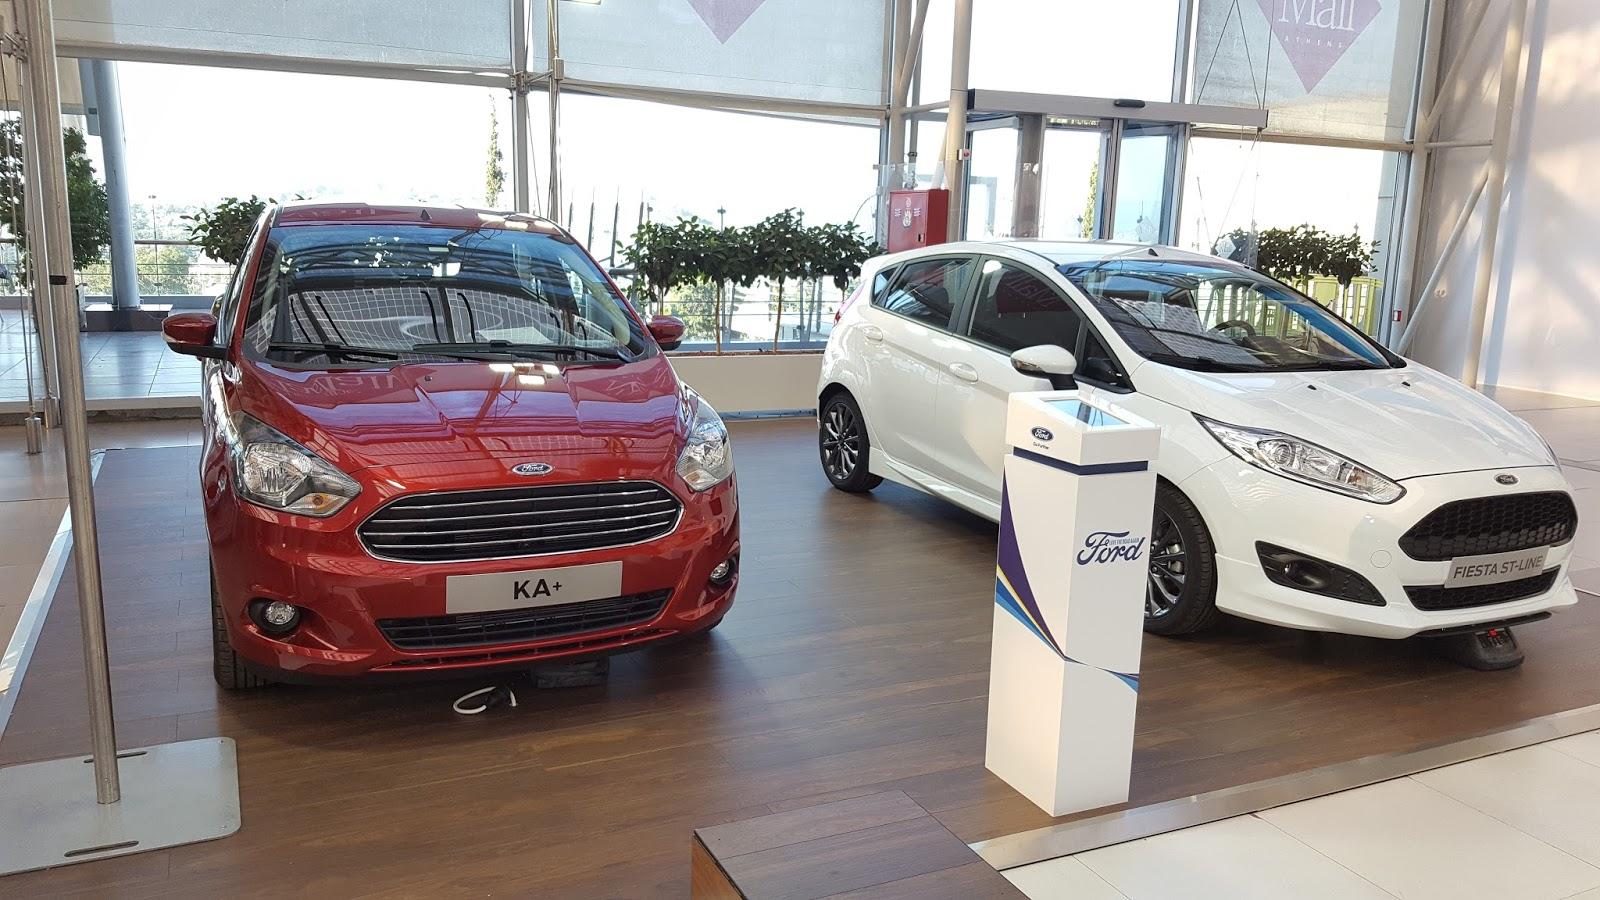 20160928 090455 Δείτε όλα τα νέα μοντέλα Ford στο The Mall Athens Ford, Ford EcoSport, Ford Fiesta ST-Line, Ford Focus RS, Ford KA+